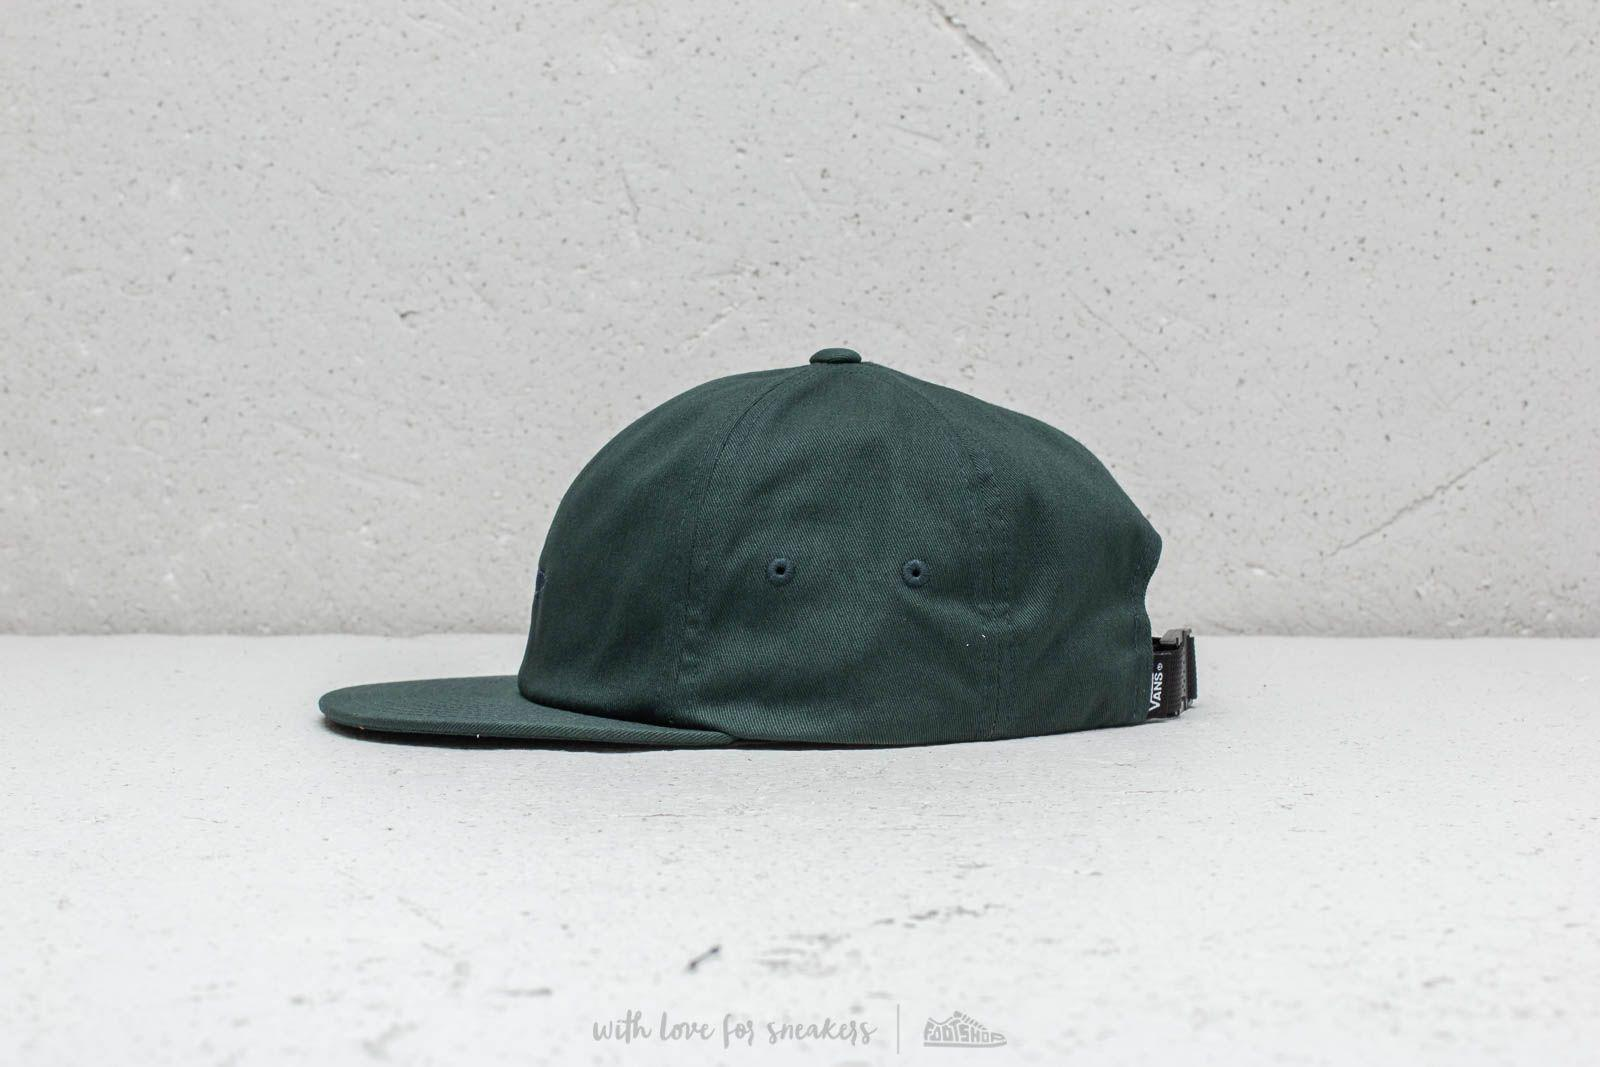 ecccef7b Lyst - Vans Salton Ii Cap Darkest Spruce in Green for Men